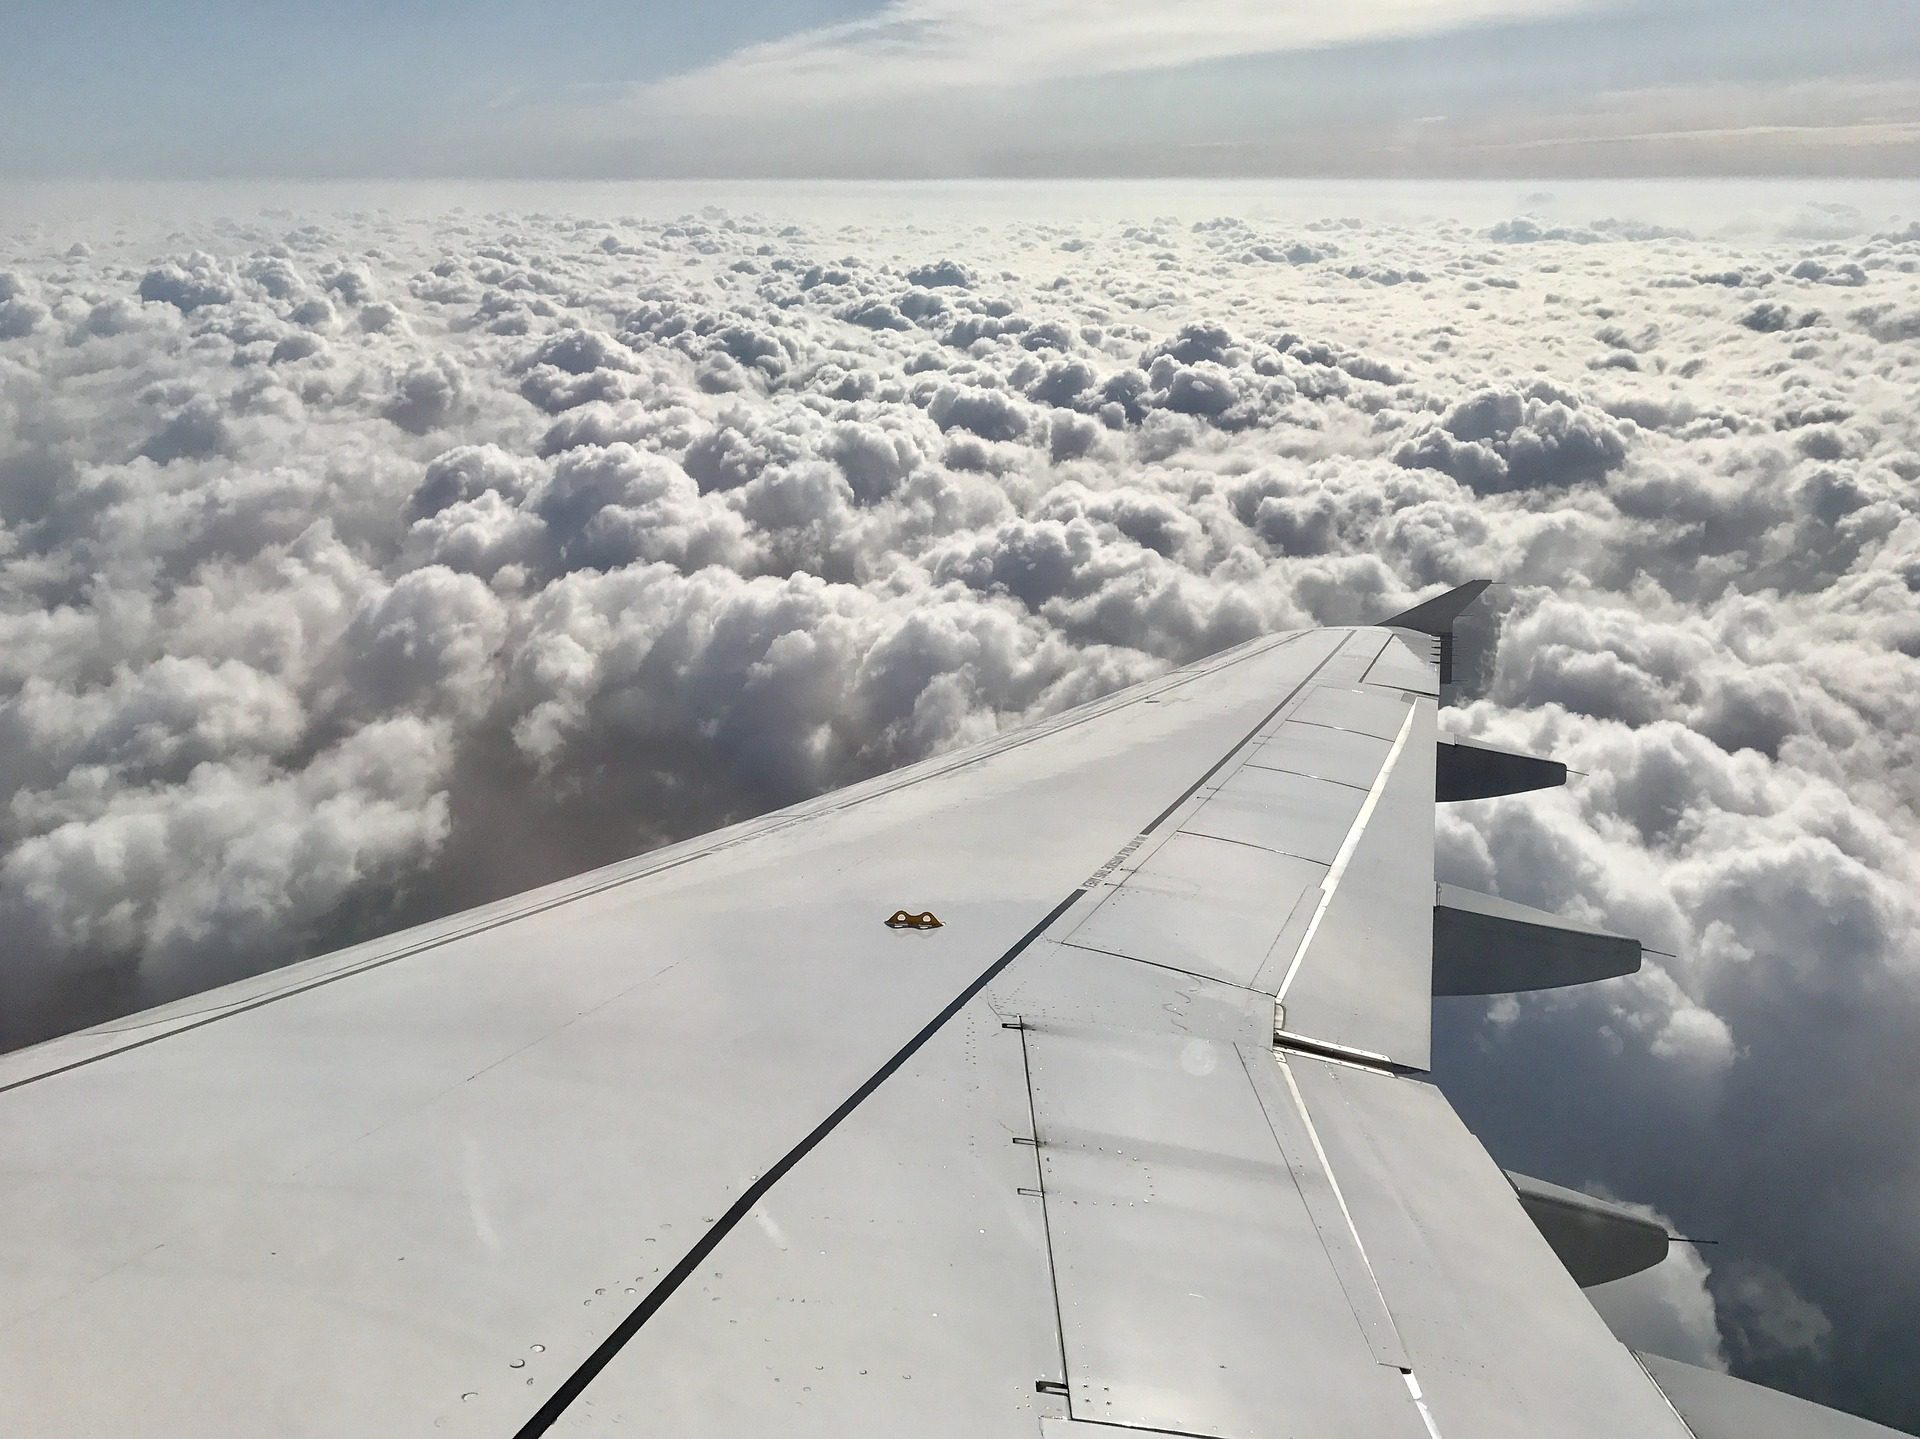 विमान, विंग, बादल, ऊंचाइयों, आकाश, क्षितिज - HD वॉलपेपर - प्रोफेसर-falken.com